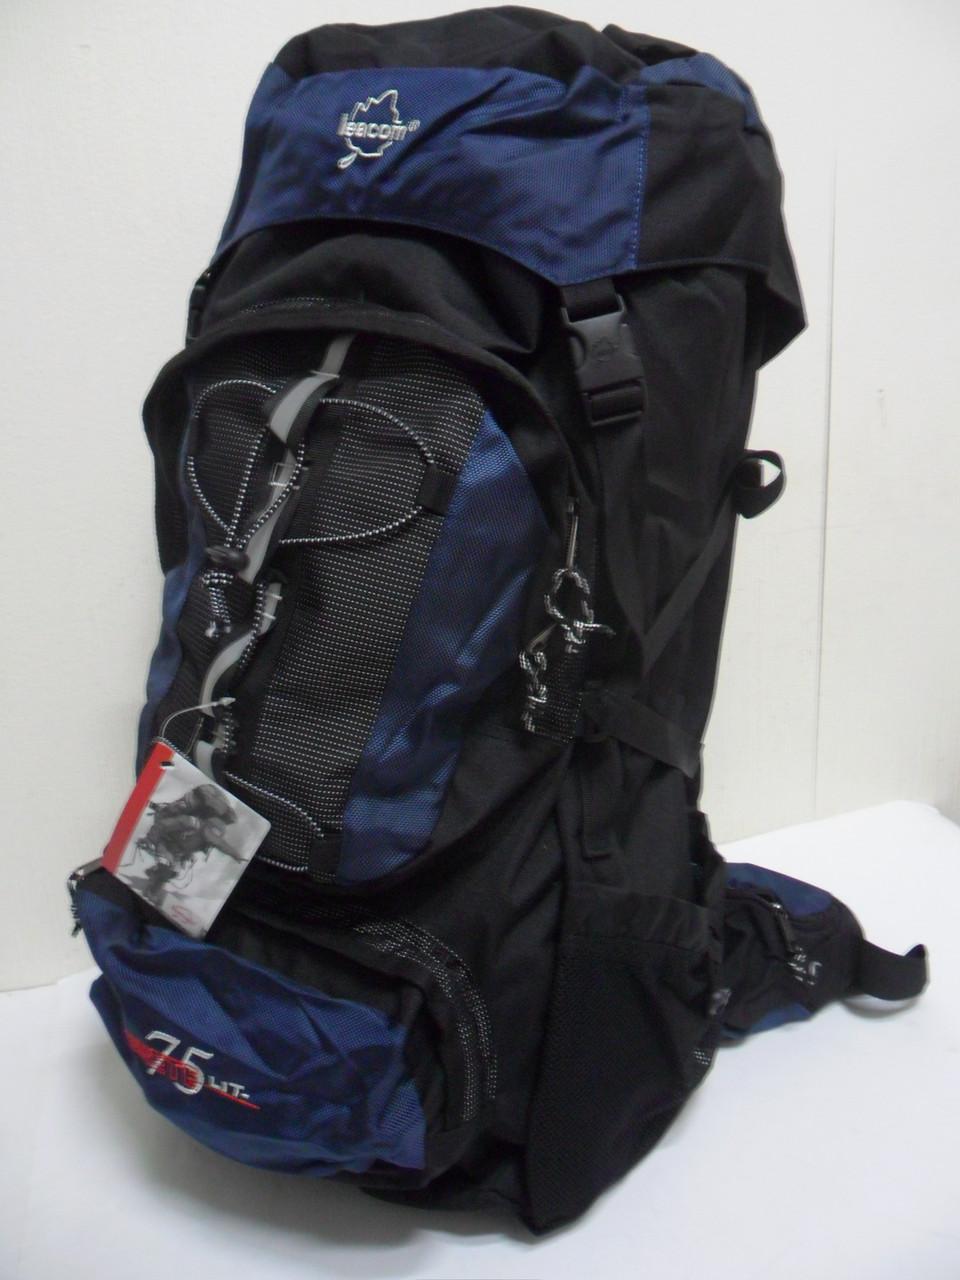 """Рюкзак турист с регулировкой спины """"Leacom"""" 75л."""